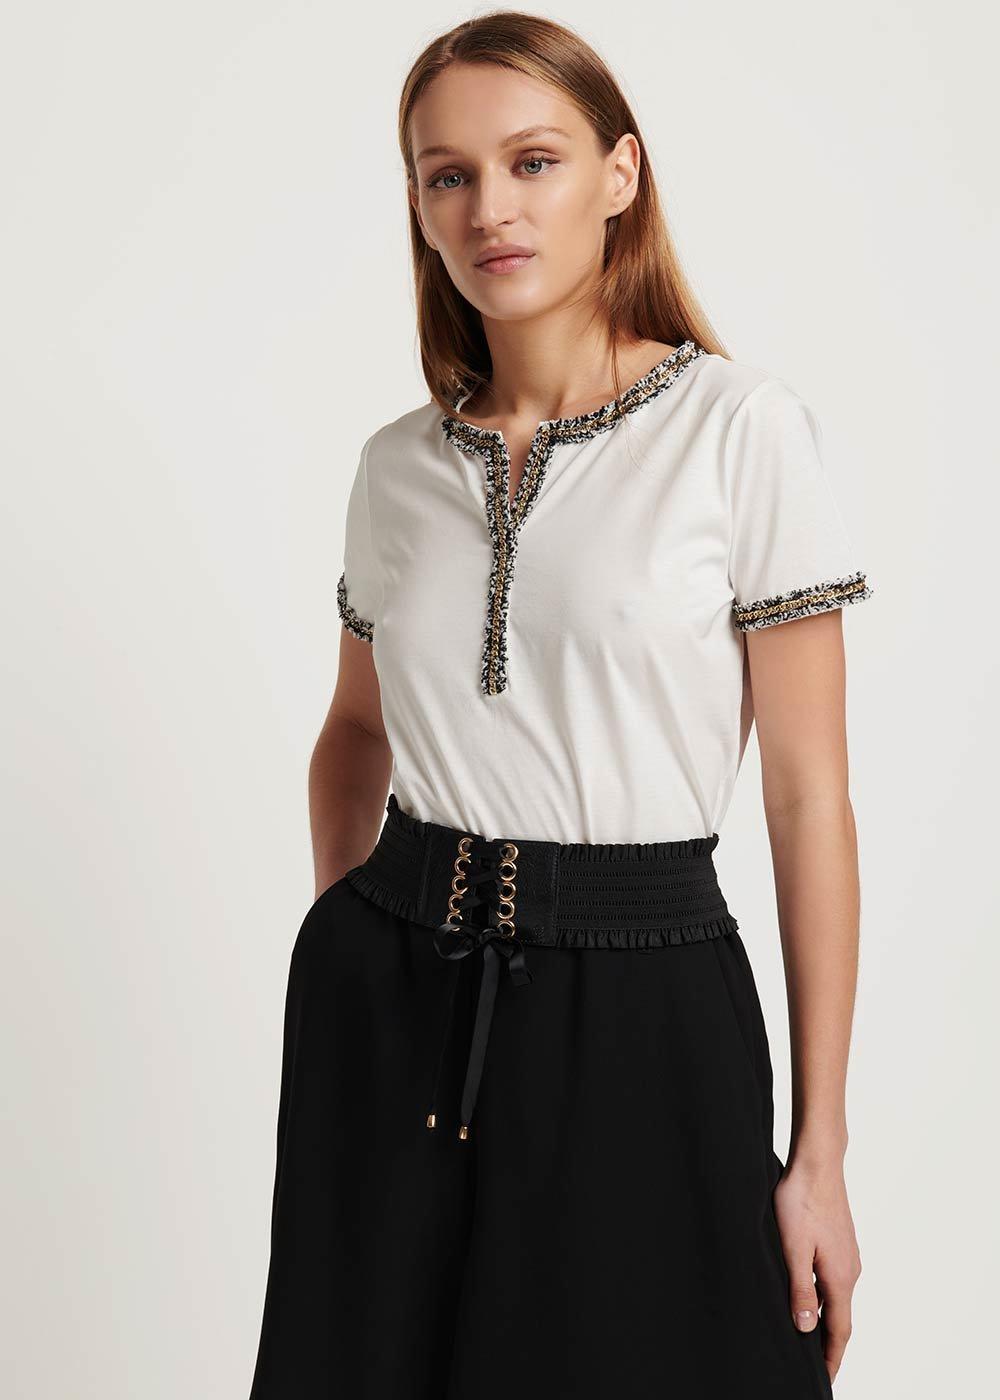 T-shirt Susy con dettaglio boucle - White - Donna